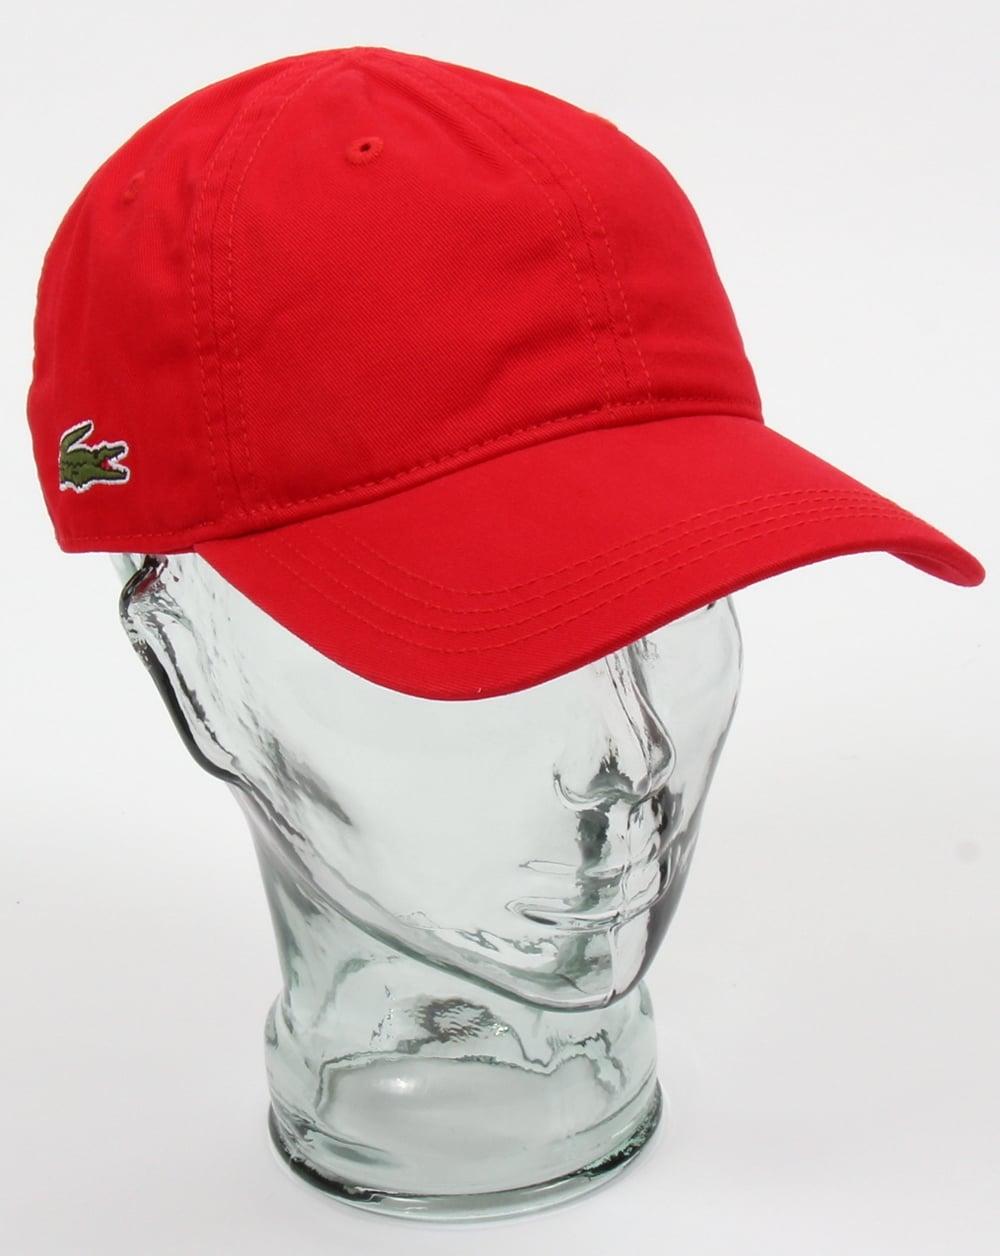 49ff7dc5b9cd5 Lacoste Lacoste Gabardine Baseball Cap Red